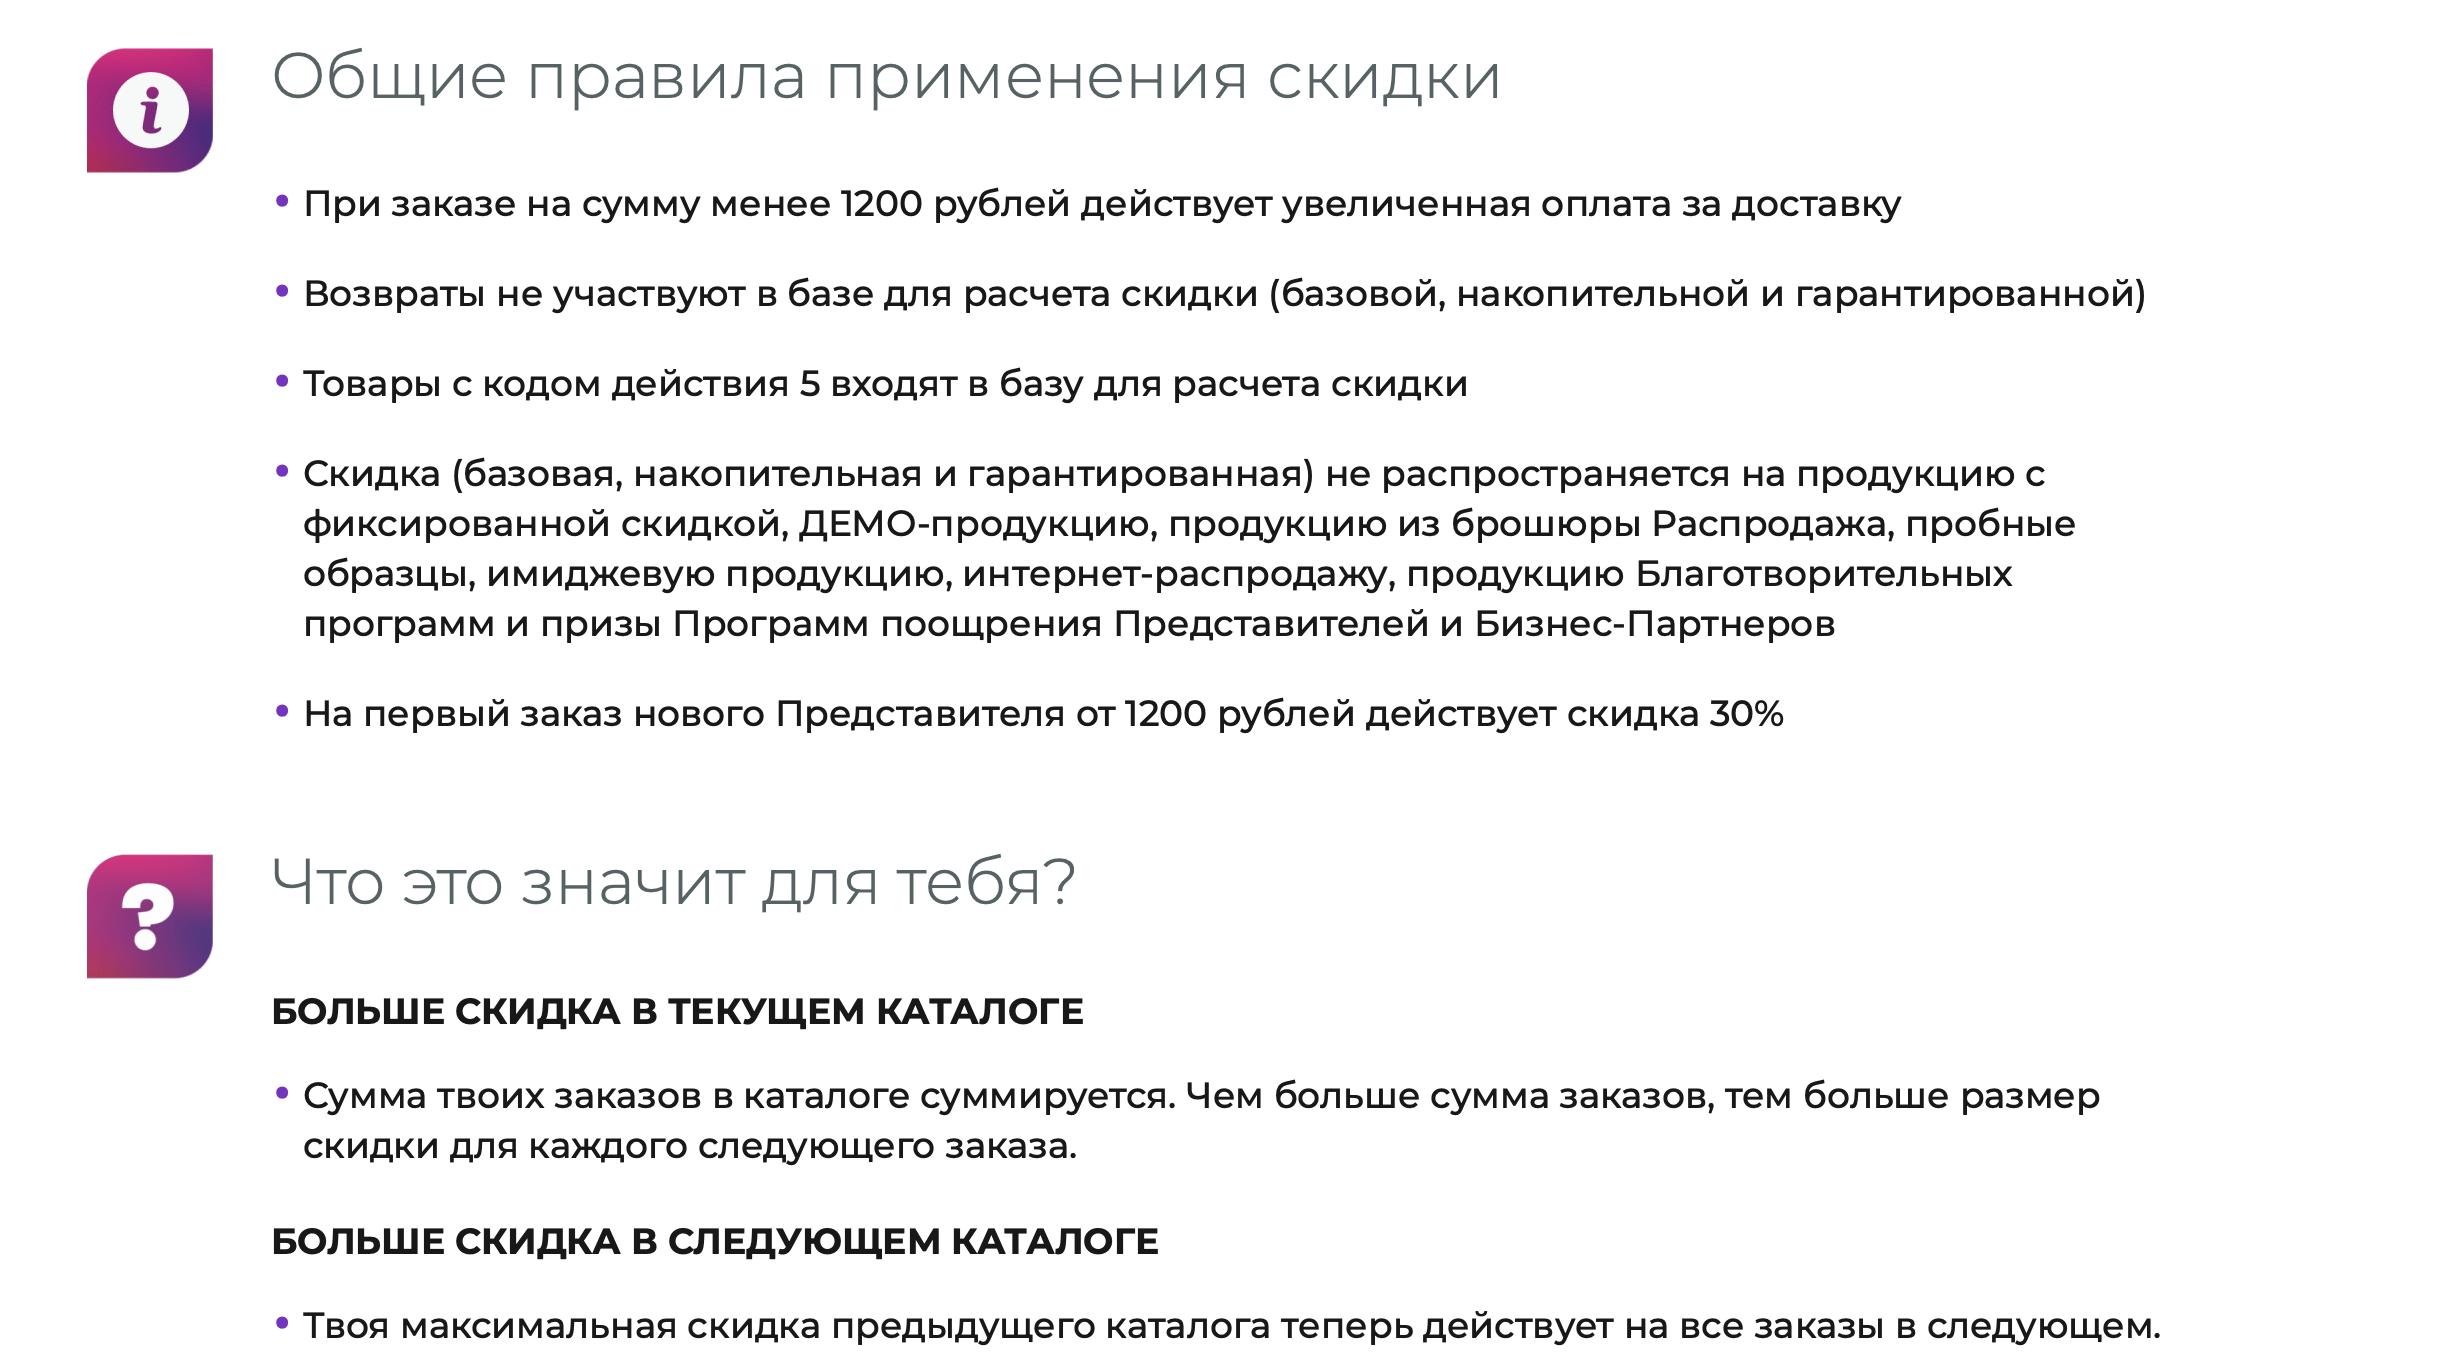 Общие правила применения скидки представителя Эйвон